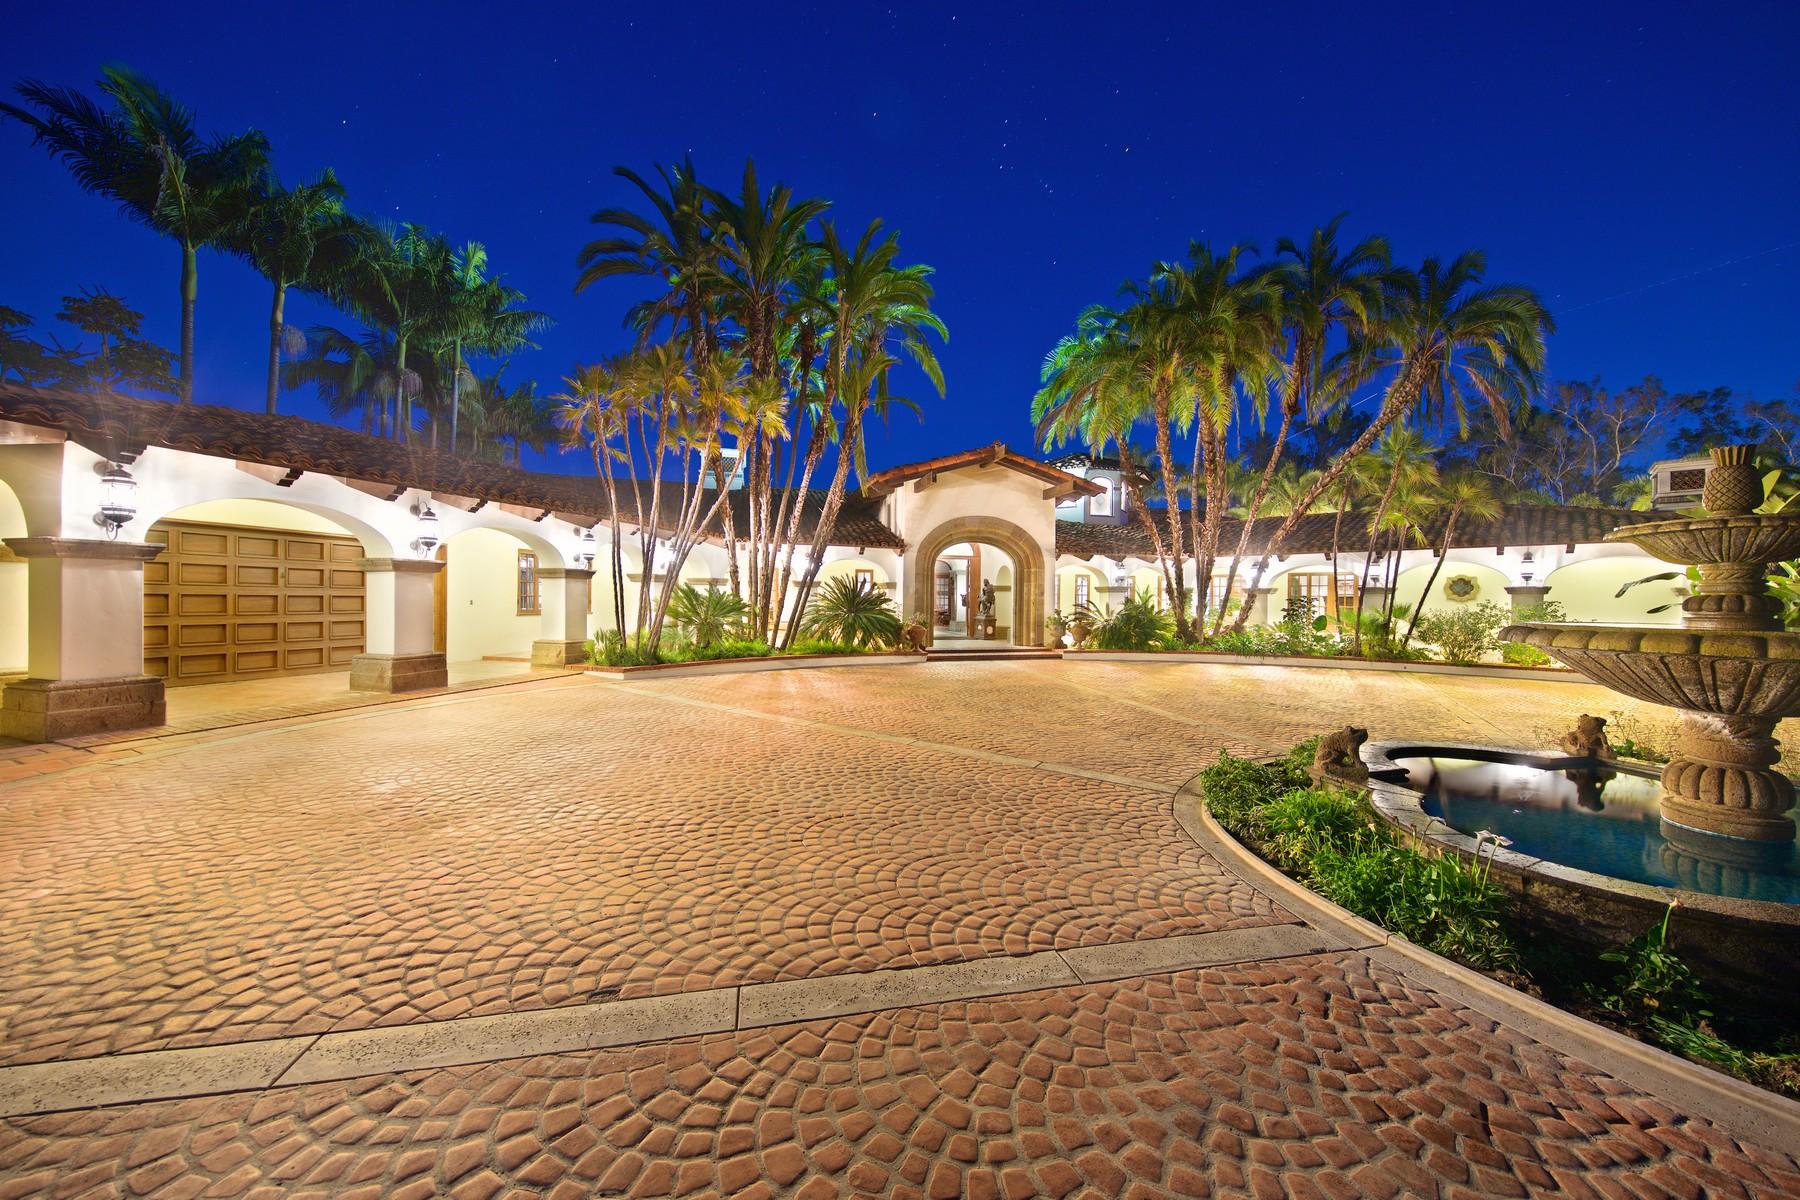 独户住宅 为 销售 在 230 Burma Road Fallbrook, 92028 美国